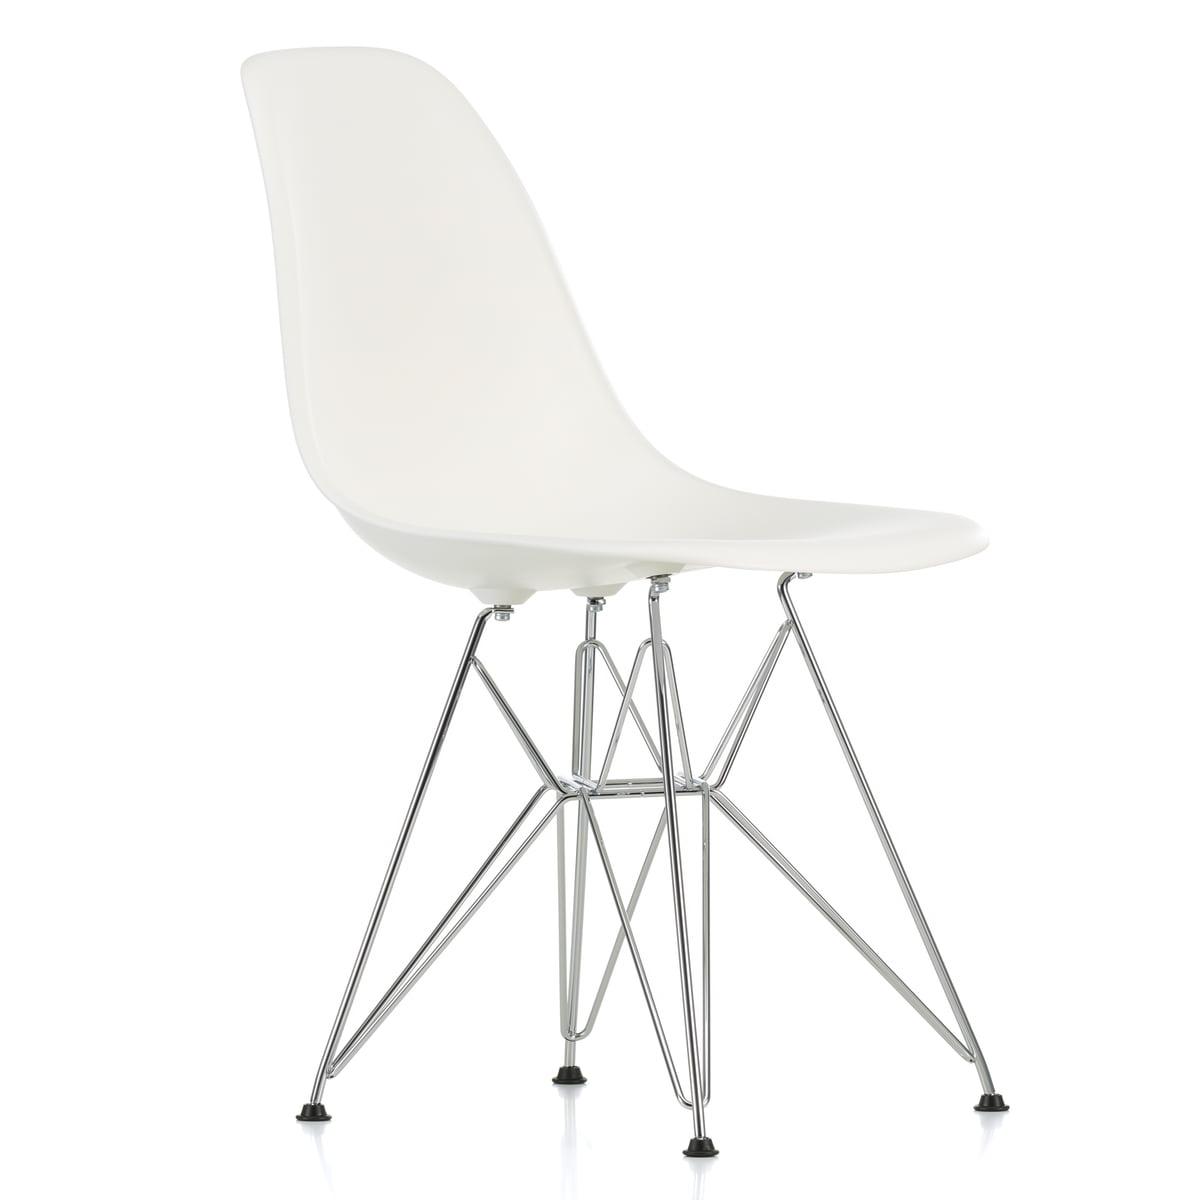 dsr chaises vitra anthamatten meubles sa vetroz valais suisse